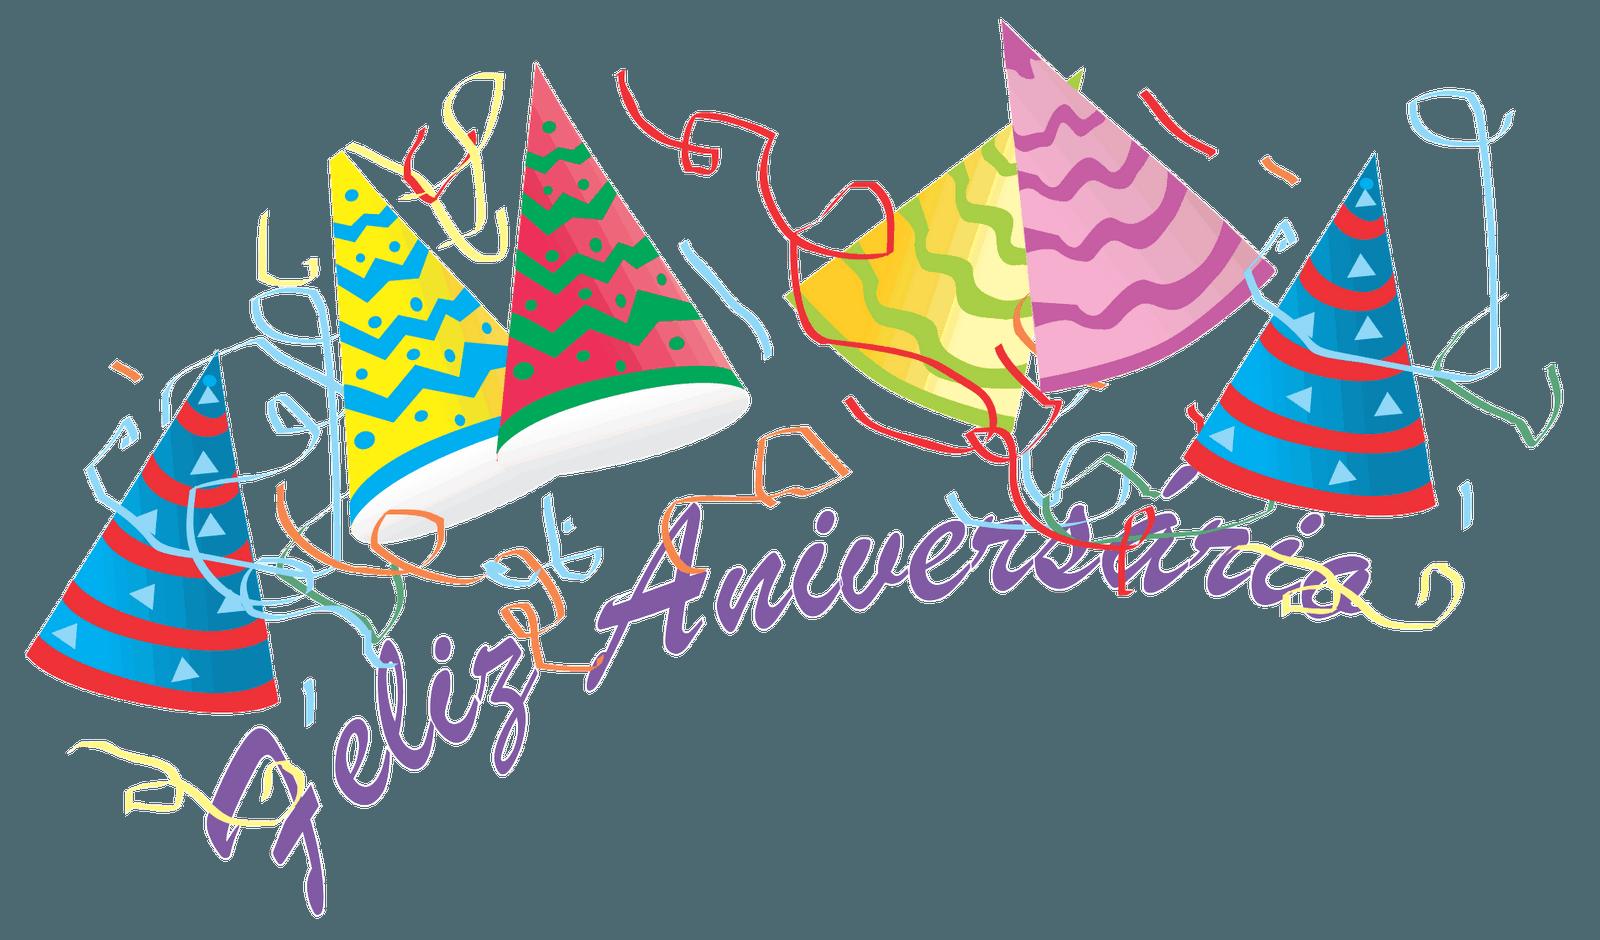 felizaniversario